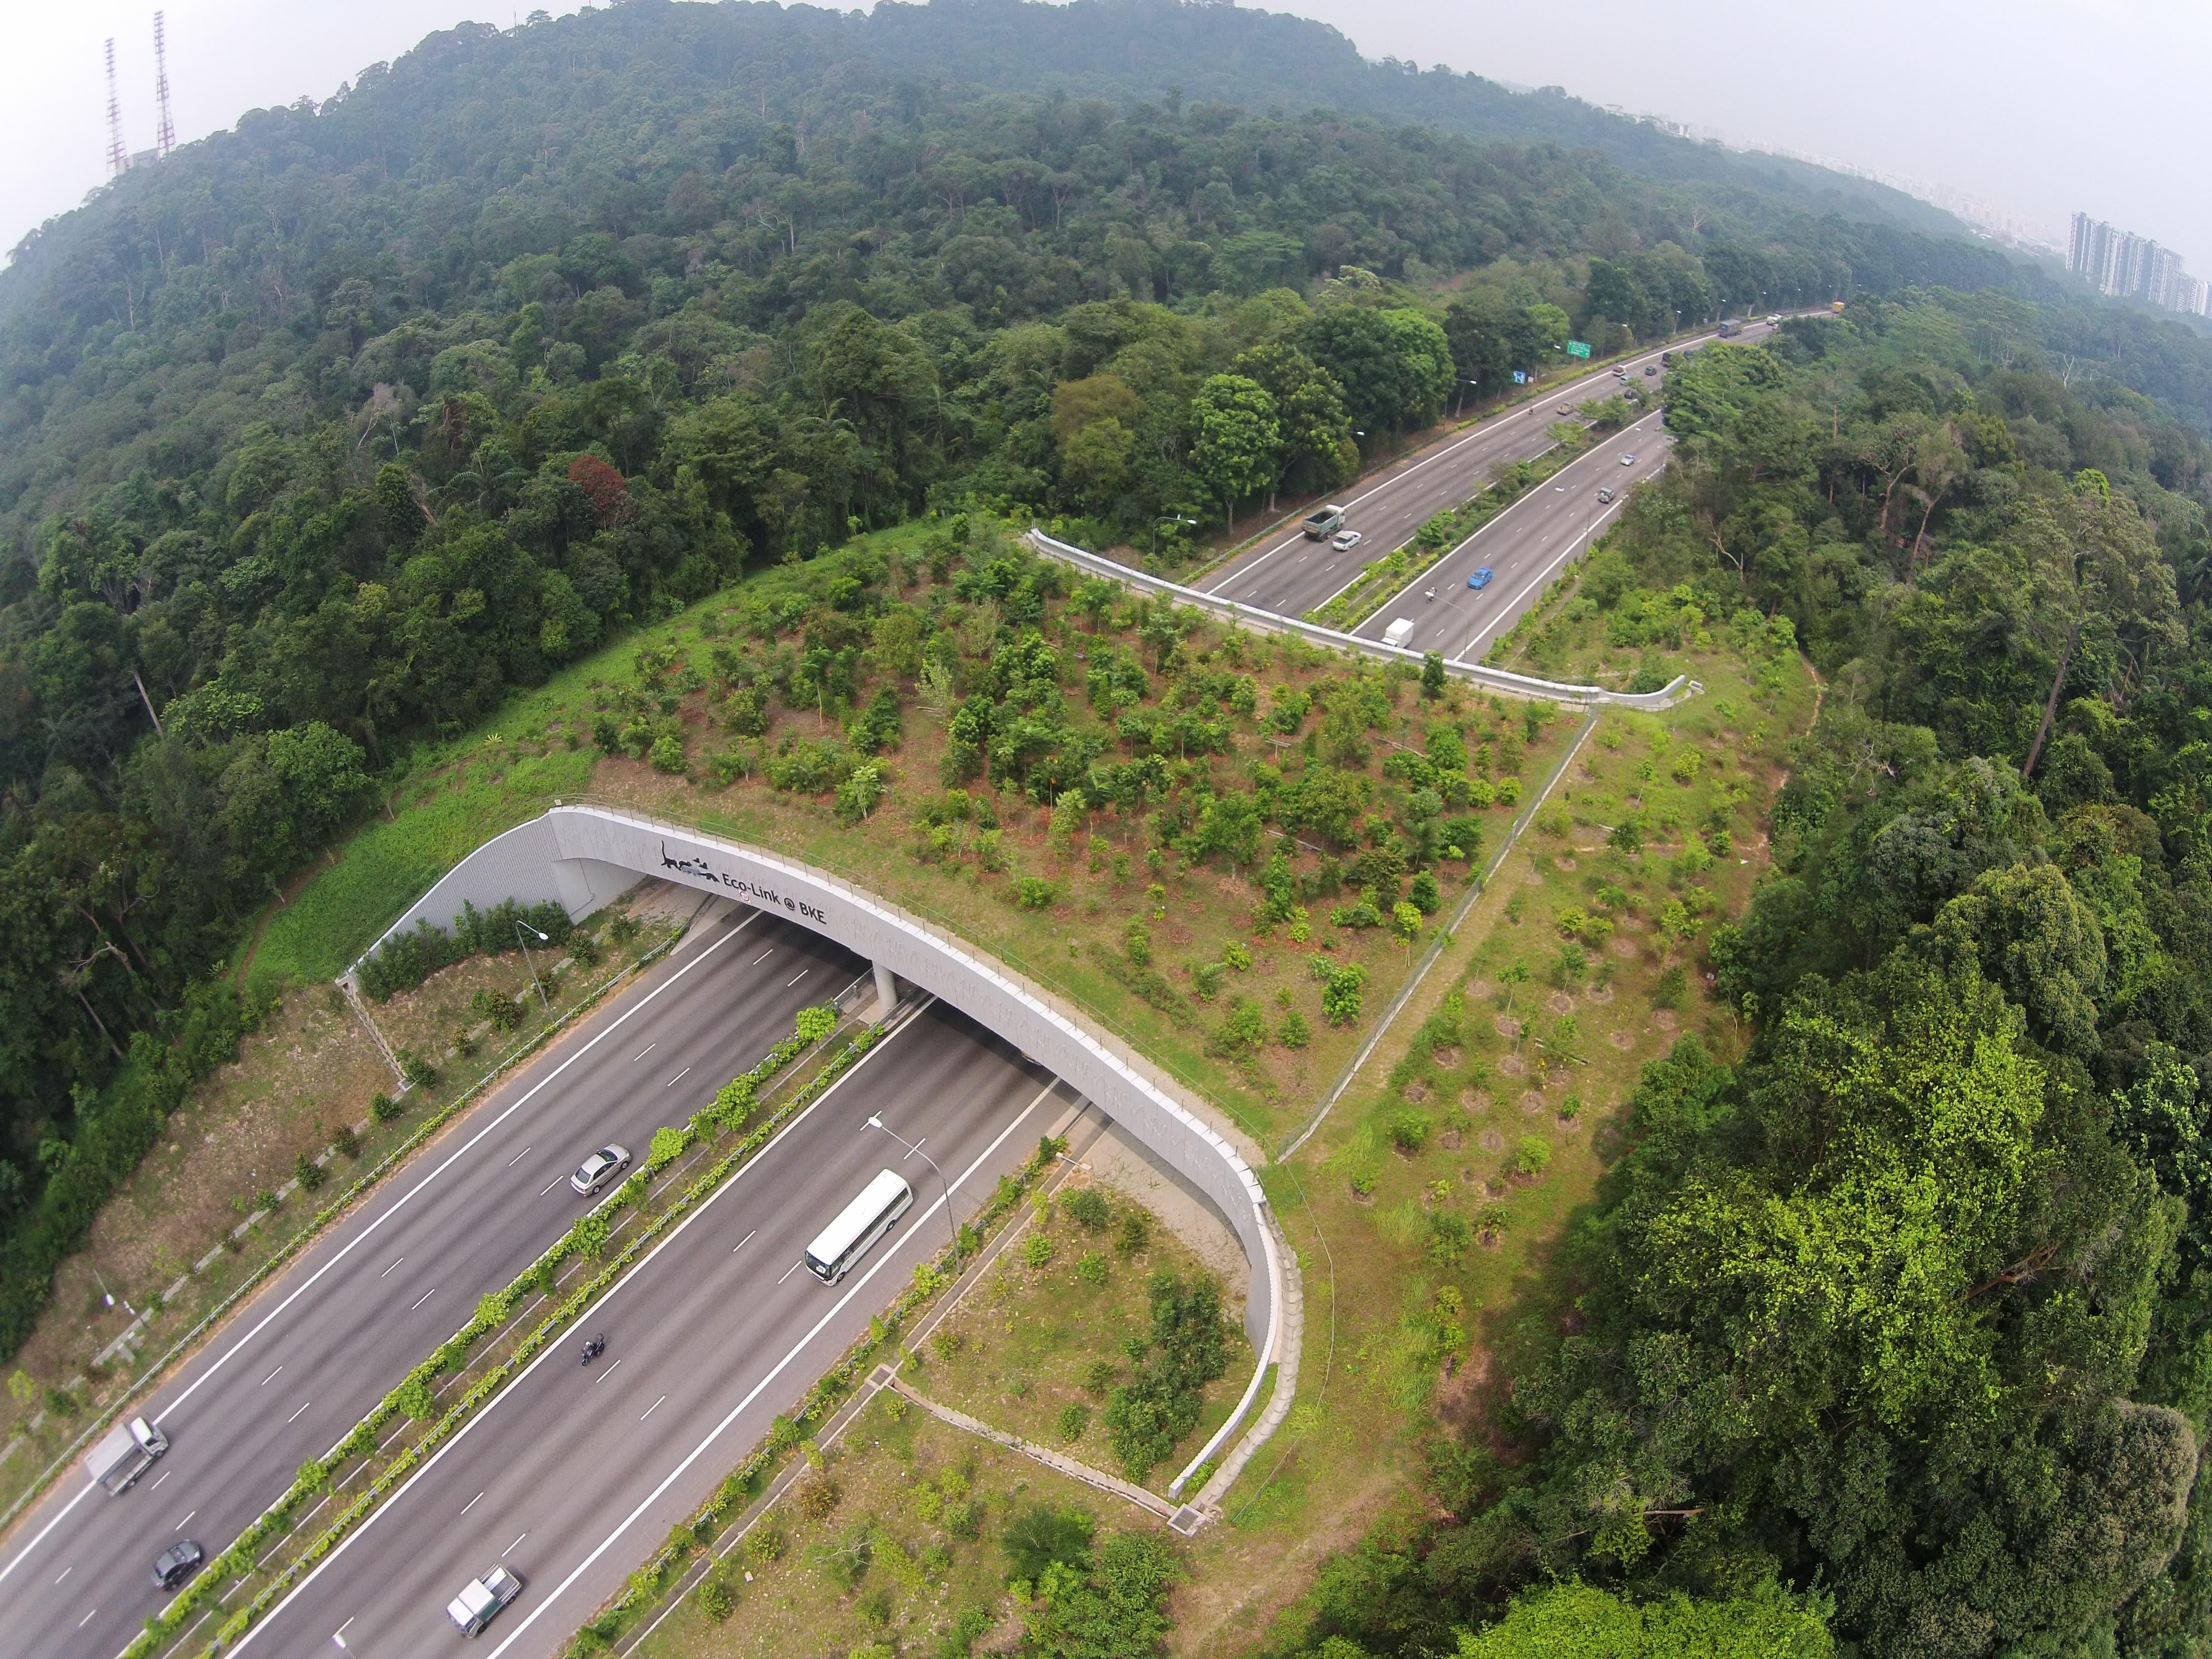 ecolinkbke singapores sustainable development plans